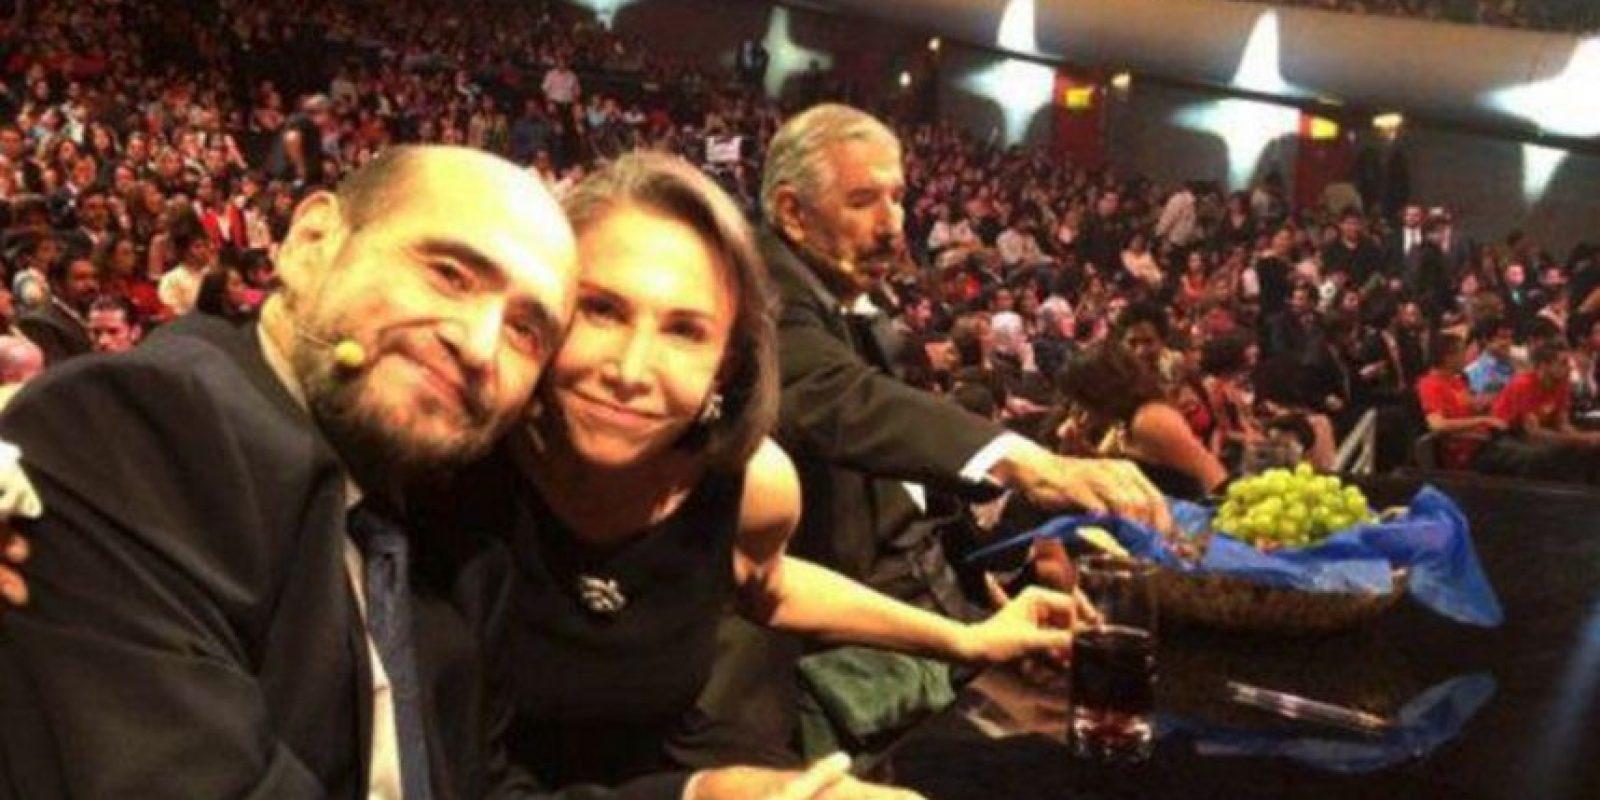 Le dedicó emotivas palabras a Rubén Aguirre Foto:Vía facebook.com/edgarvivaroficia